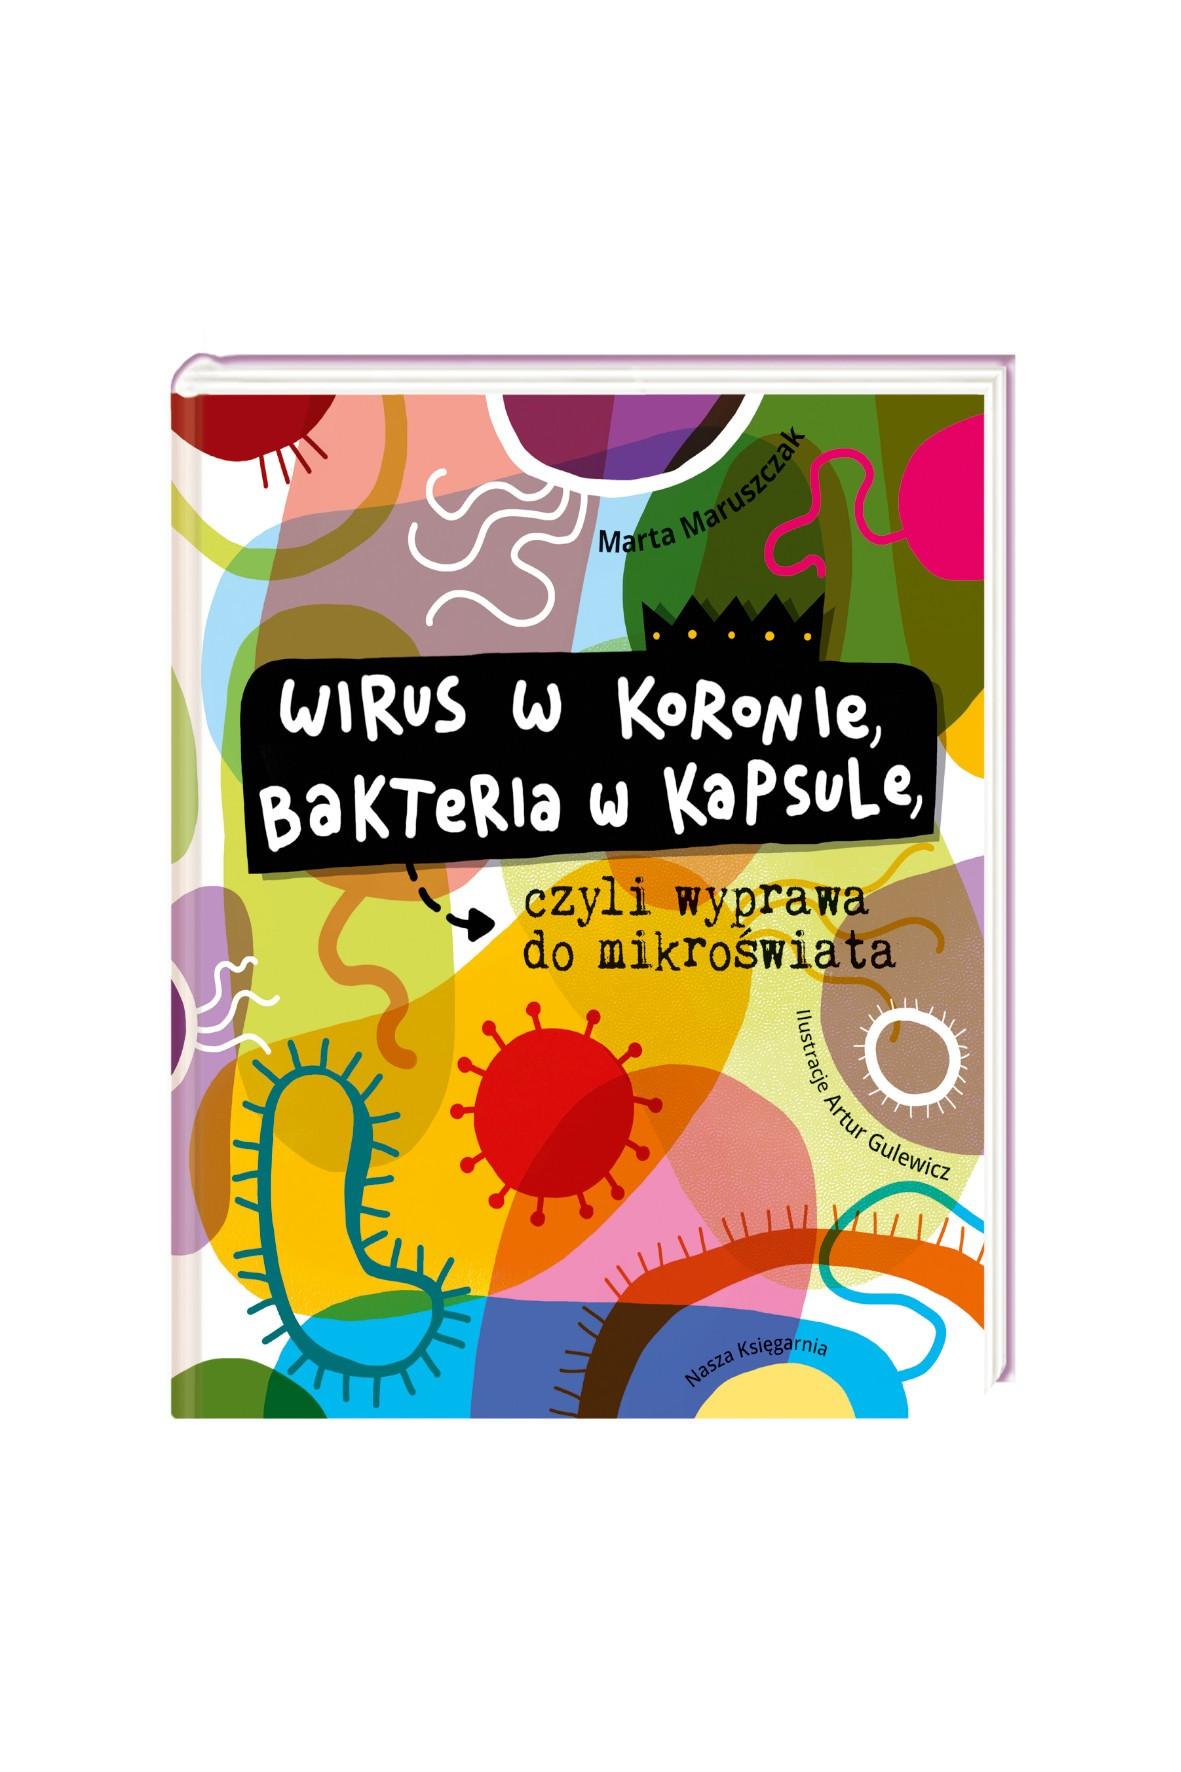 Wirus w koronie, bakteria w kapsule, czyli wyprawa do mikroświata